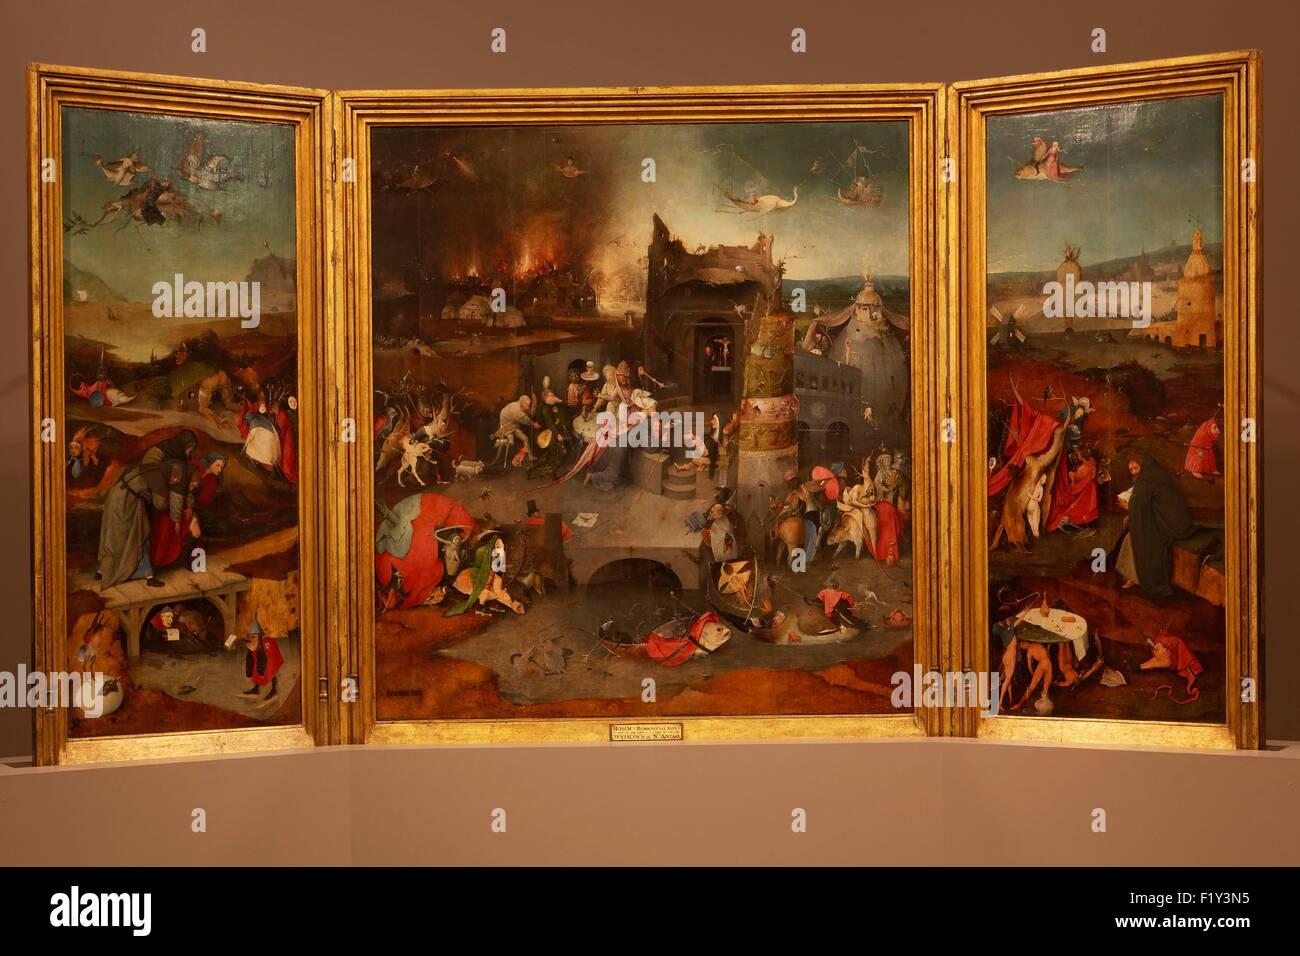 Il Portogallo, Lisbona, Lapa, Museu National de Arte Antiga, Trittico della tentazione di San Girolamo da Hieronymus Immagini Stock